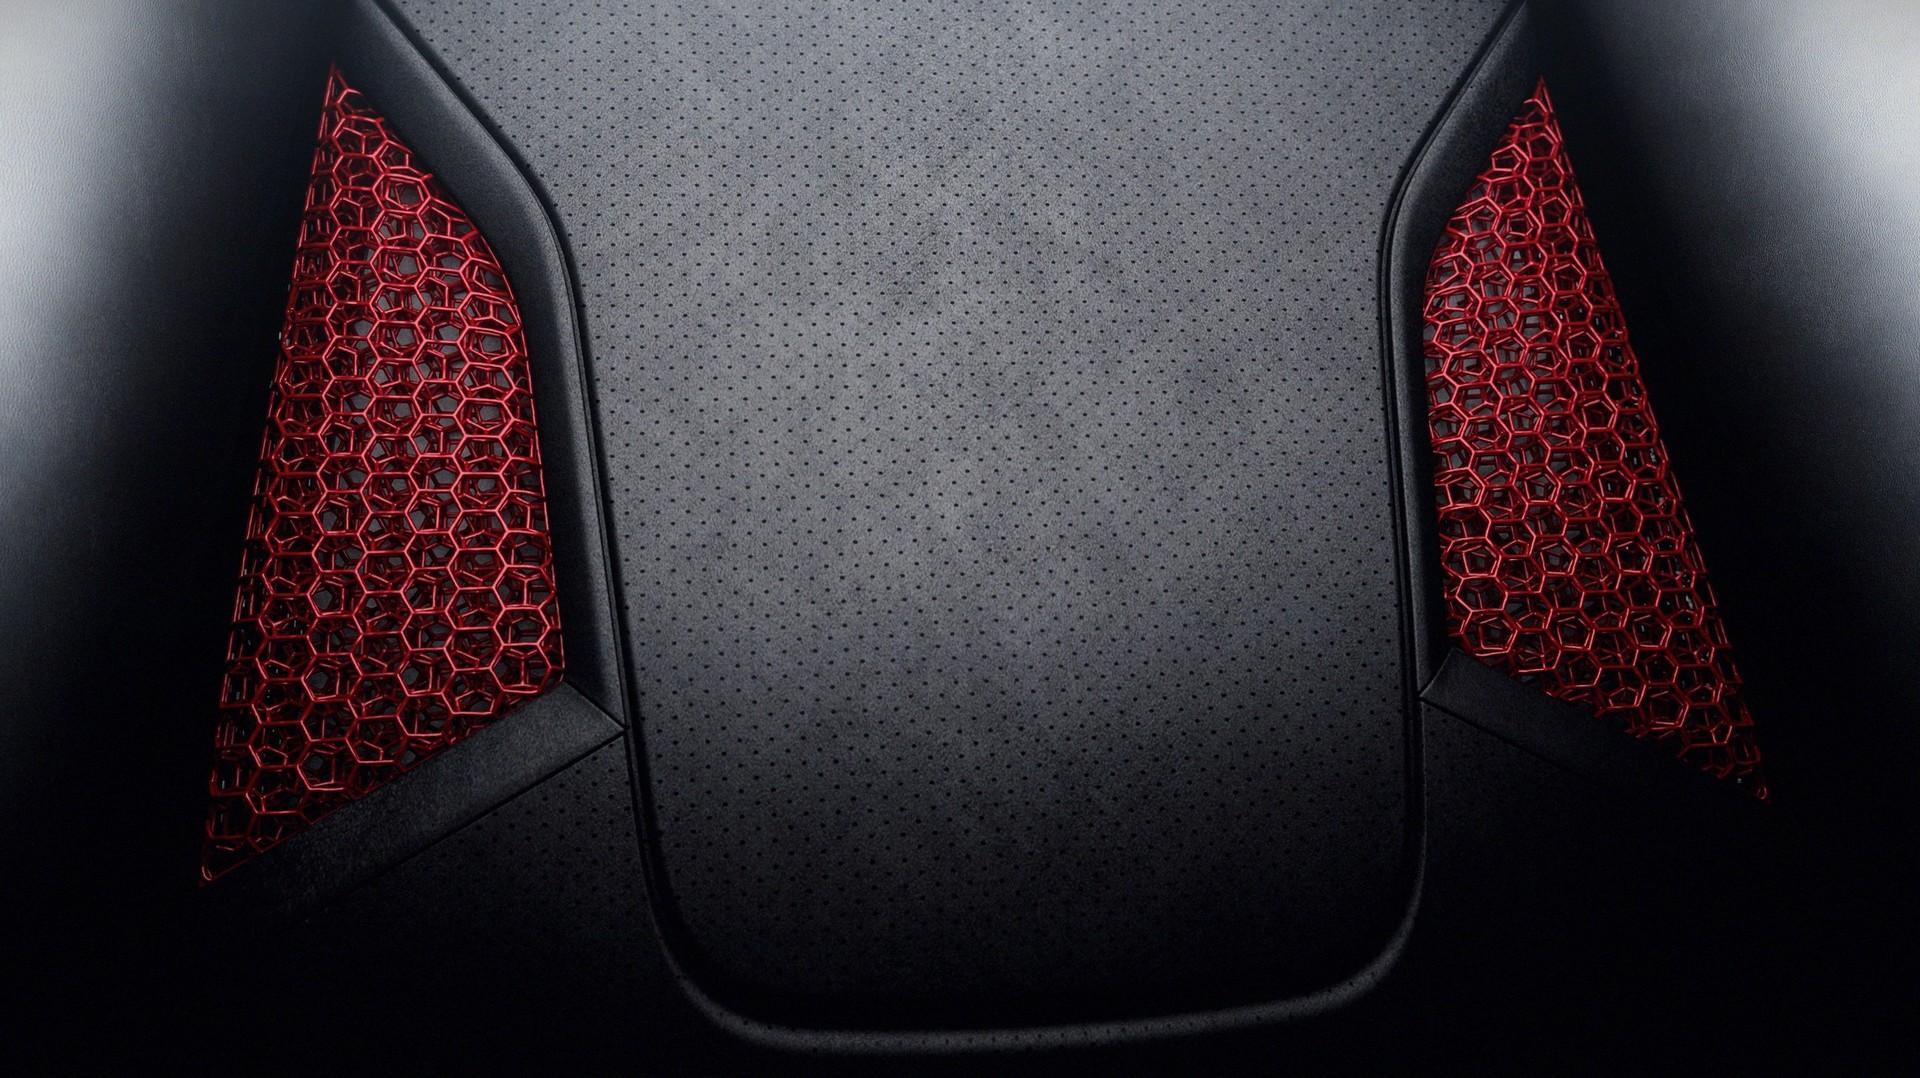 Porsche phát triển ghế ngồi thể thao từ công nghệ in 3D Ảnh 4